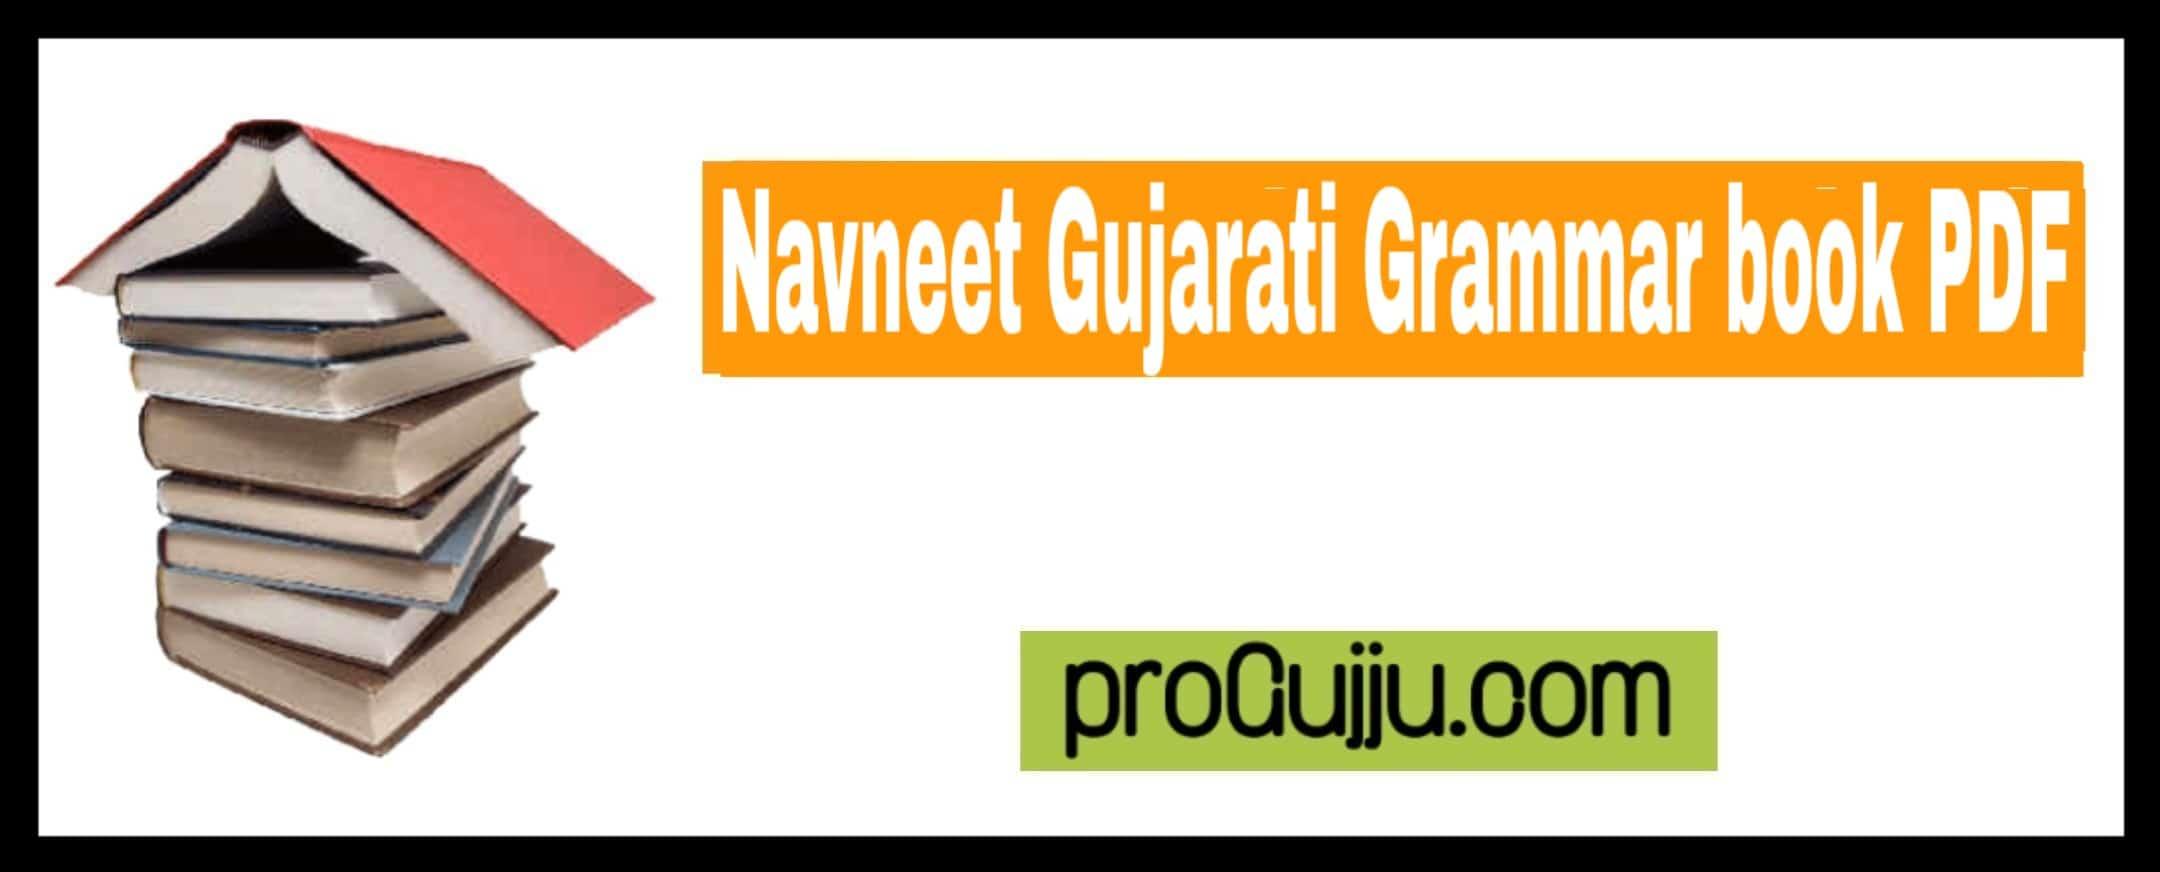 Navneet Gujarati Grammar book PDF